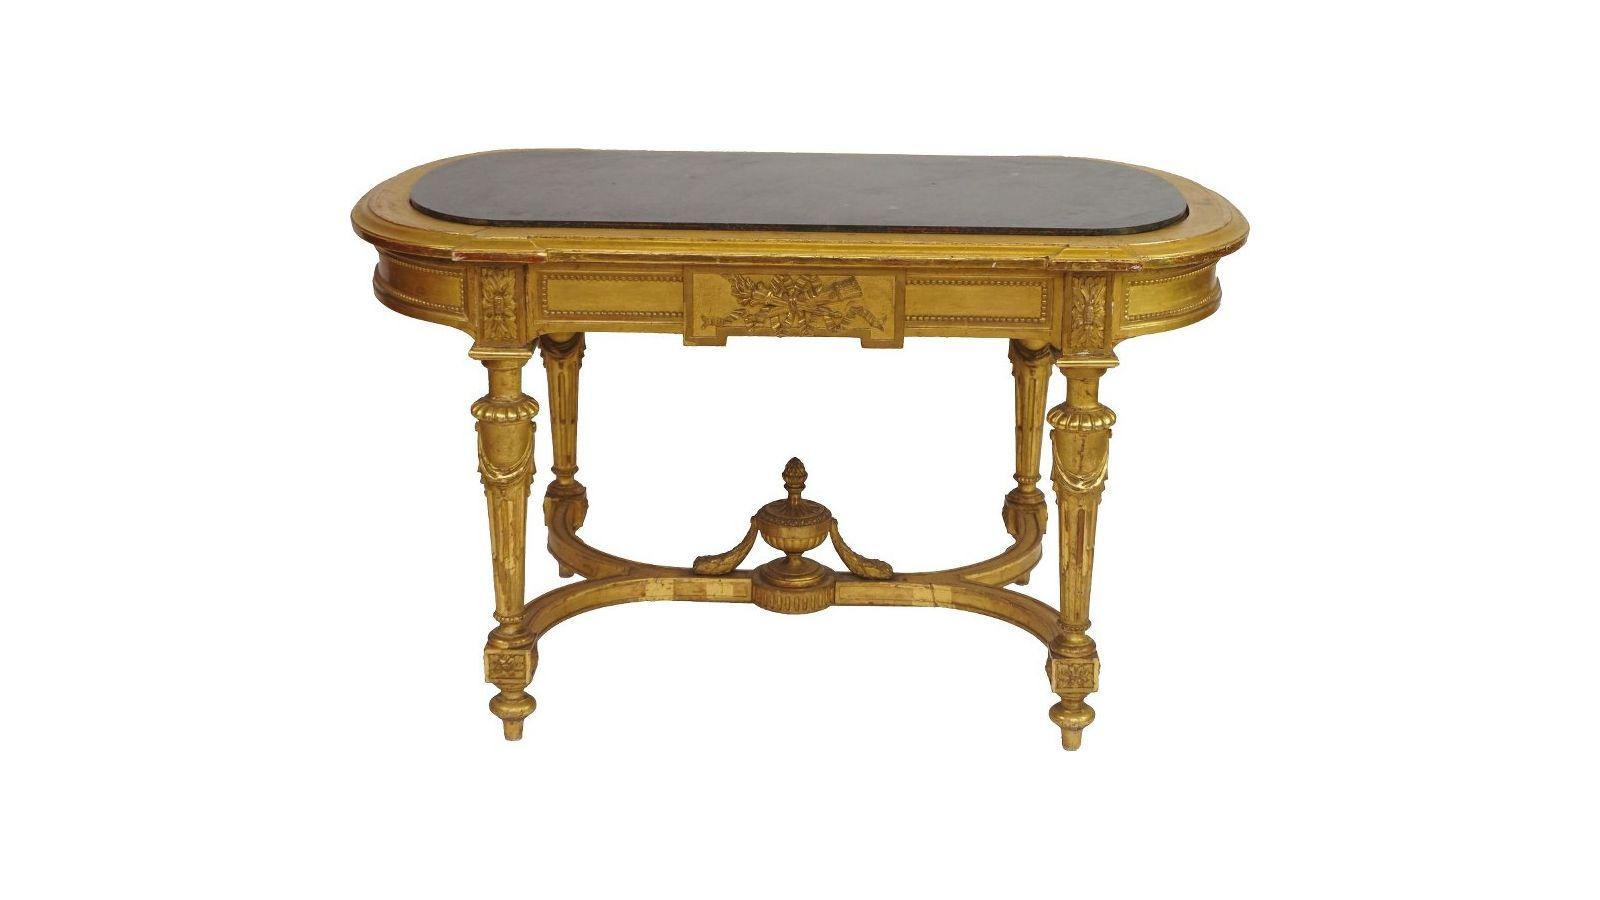 Table de milieu en bois doré.